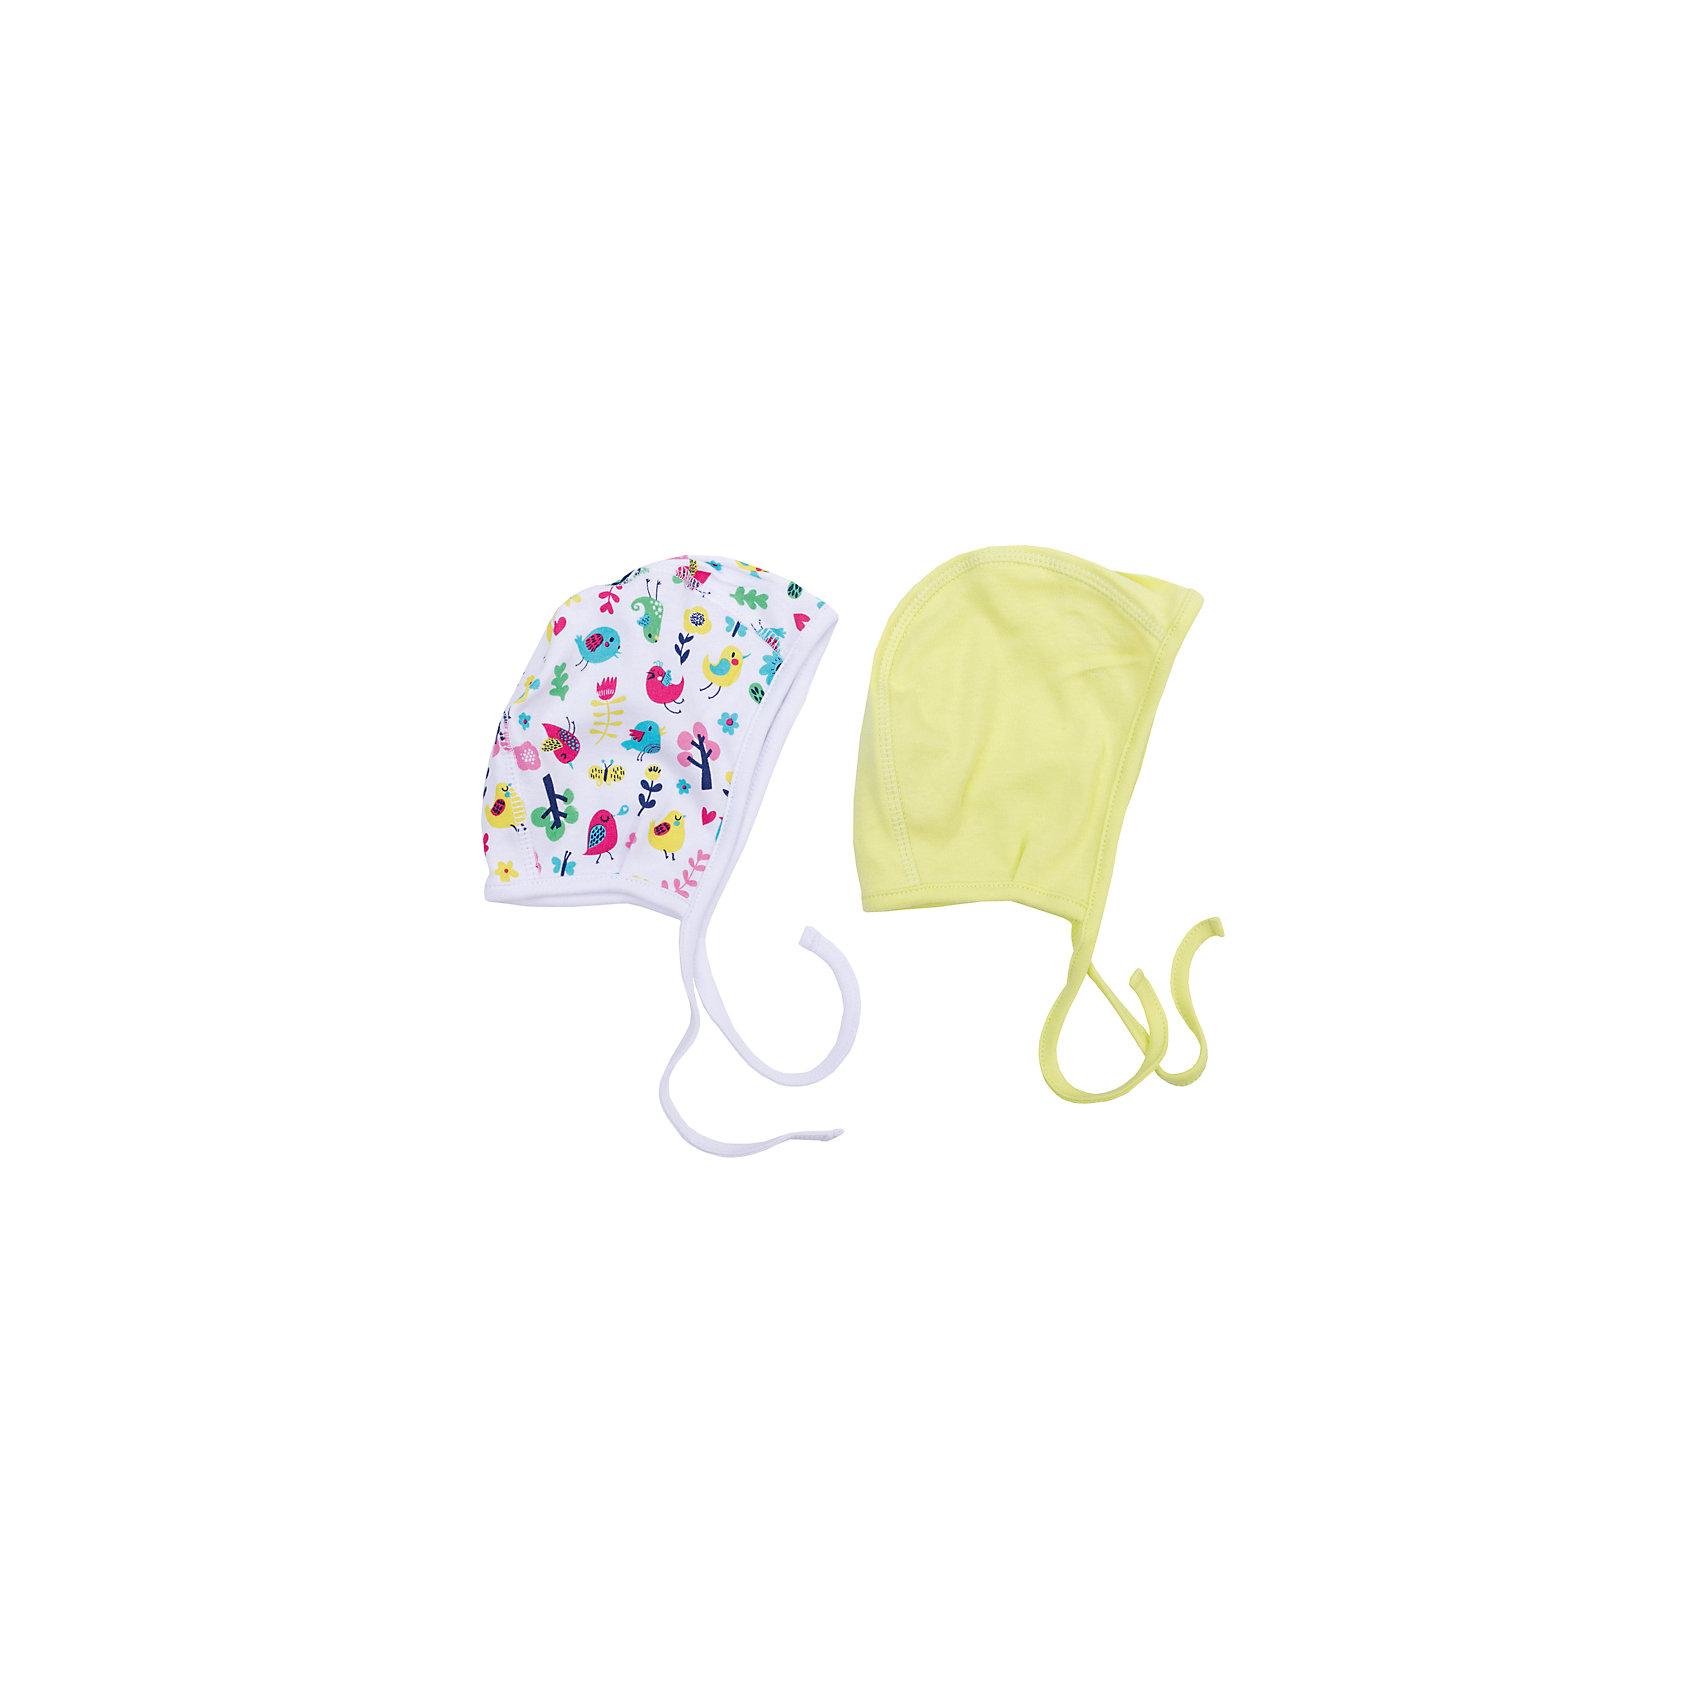 Чепчик, 2 шт. для девочки PlayTodayШапочки<br>Чепчик, 2 шт. для девочки от известного бренда PlayToday.<br>Комплект из двух уютных хлопковых чепчиков. Первая модель украшена принтом с яркими сказочными птичками, вторая - лимонно-лаймового цвета. Удобные завязки. Чепчики можно носить под вязаными шапочками.<br>Состав:<br>100% хлопок<br><br>Ширина мм: 157<br>Глубина мм: 13<br>Высота мм: 119<br>Вес г: 200<br>Цвет: разноцветный<br>Возраст от месяцев: 1<br>Возраст до месяцев: 3<br>Пол: Женский<br>Возраст: Детский<br>Размер: 40,44,42<br>SKU: 4901132